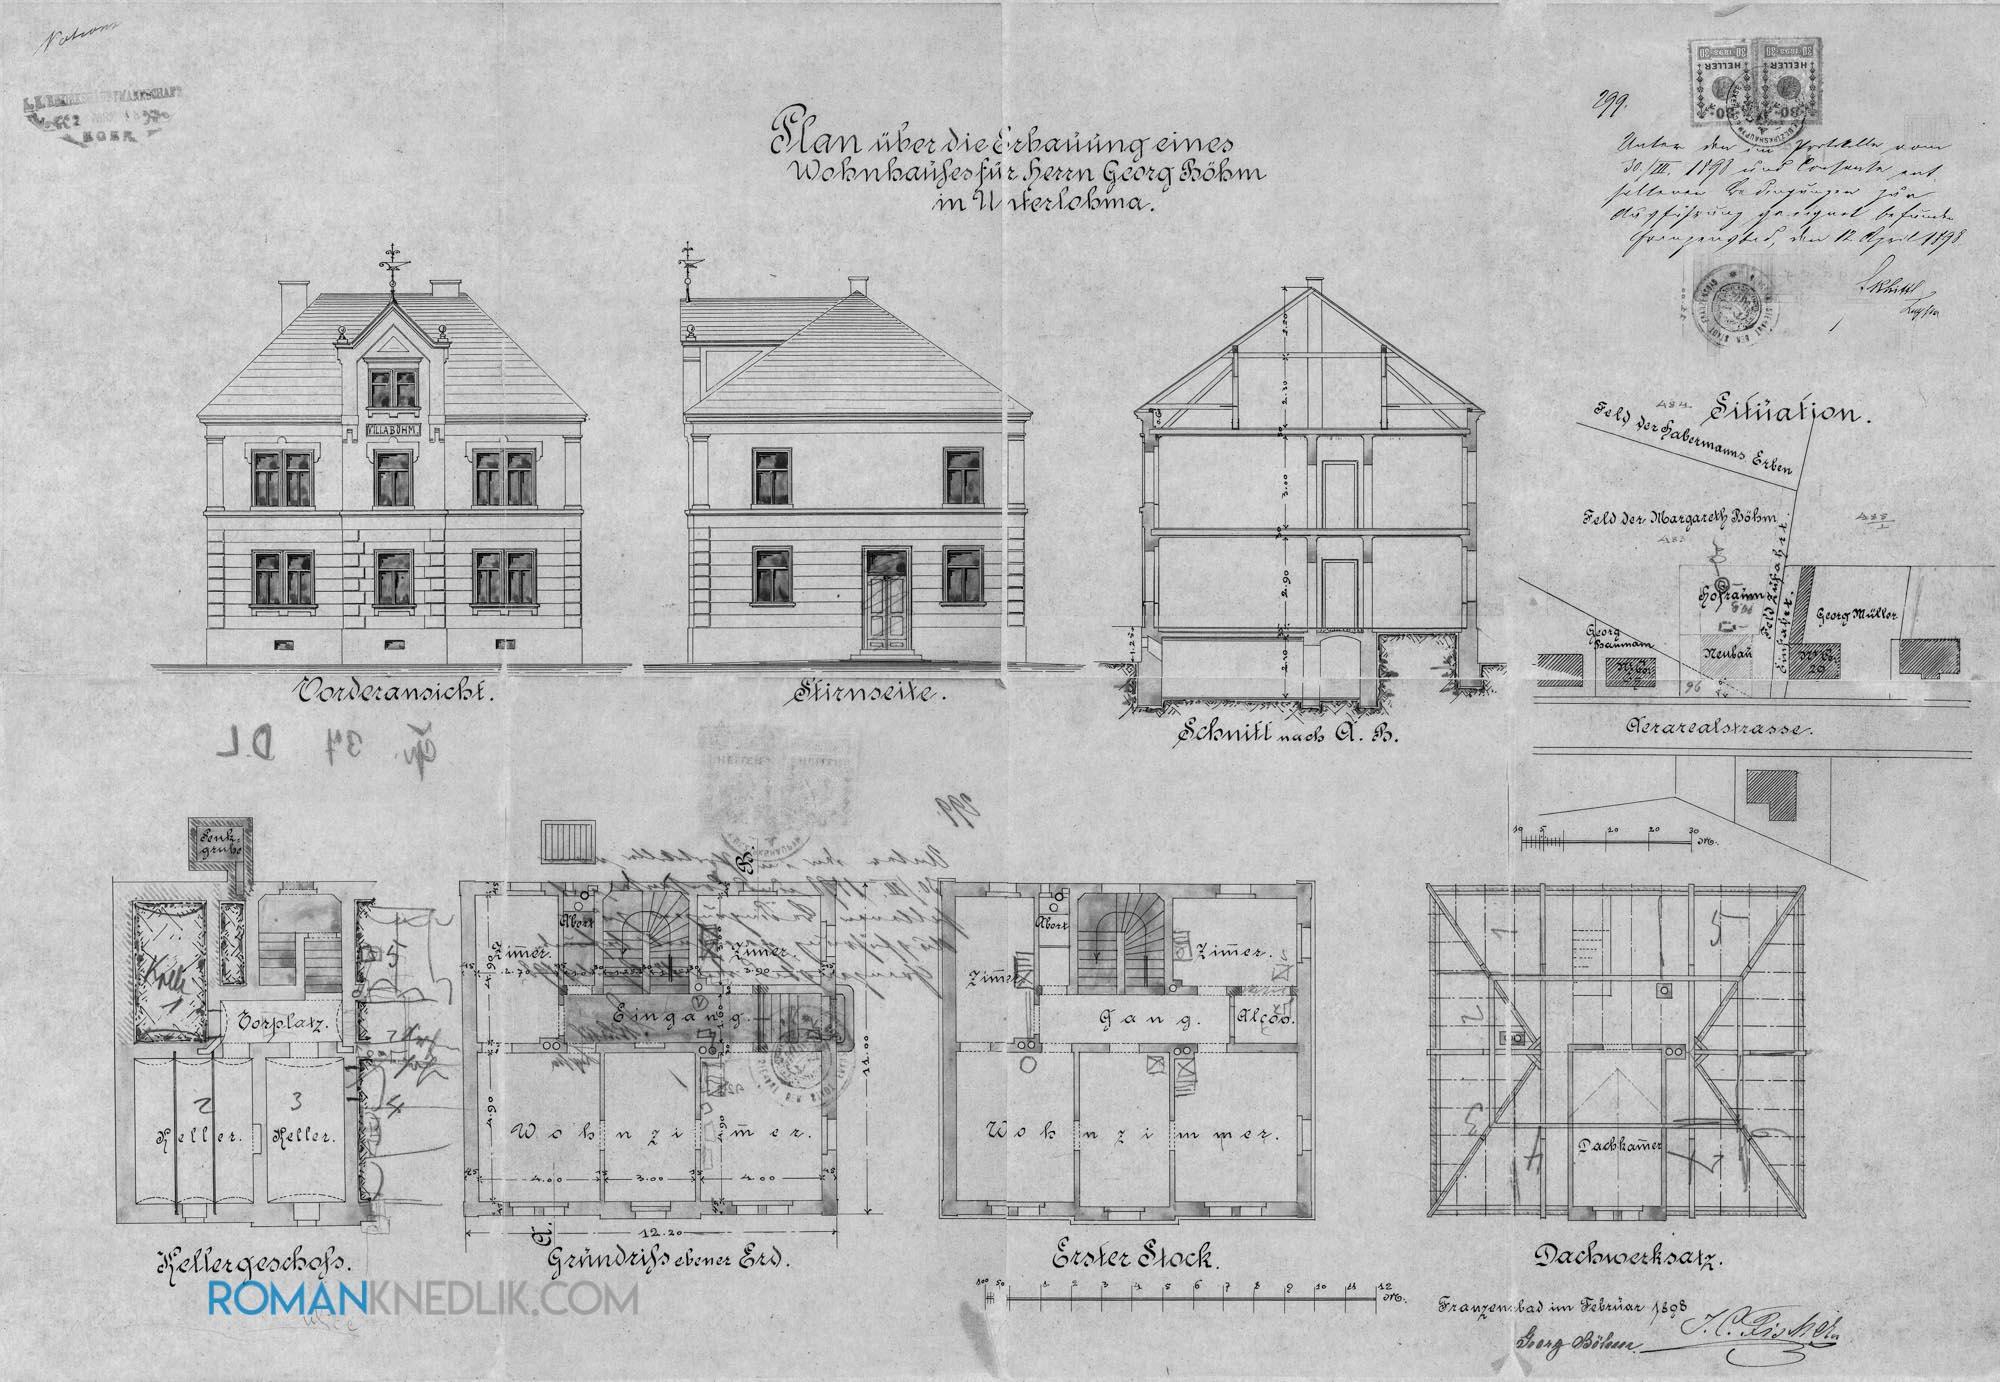 Vila_Georg_Boehm_1898_bw